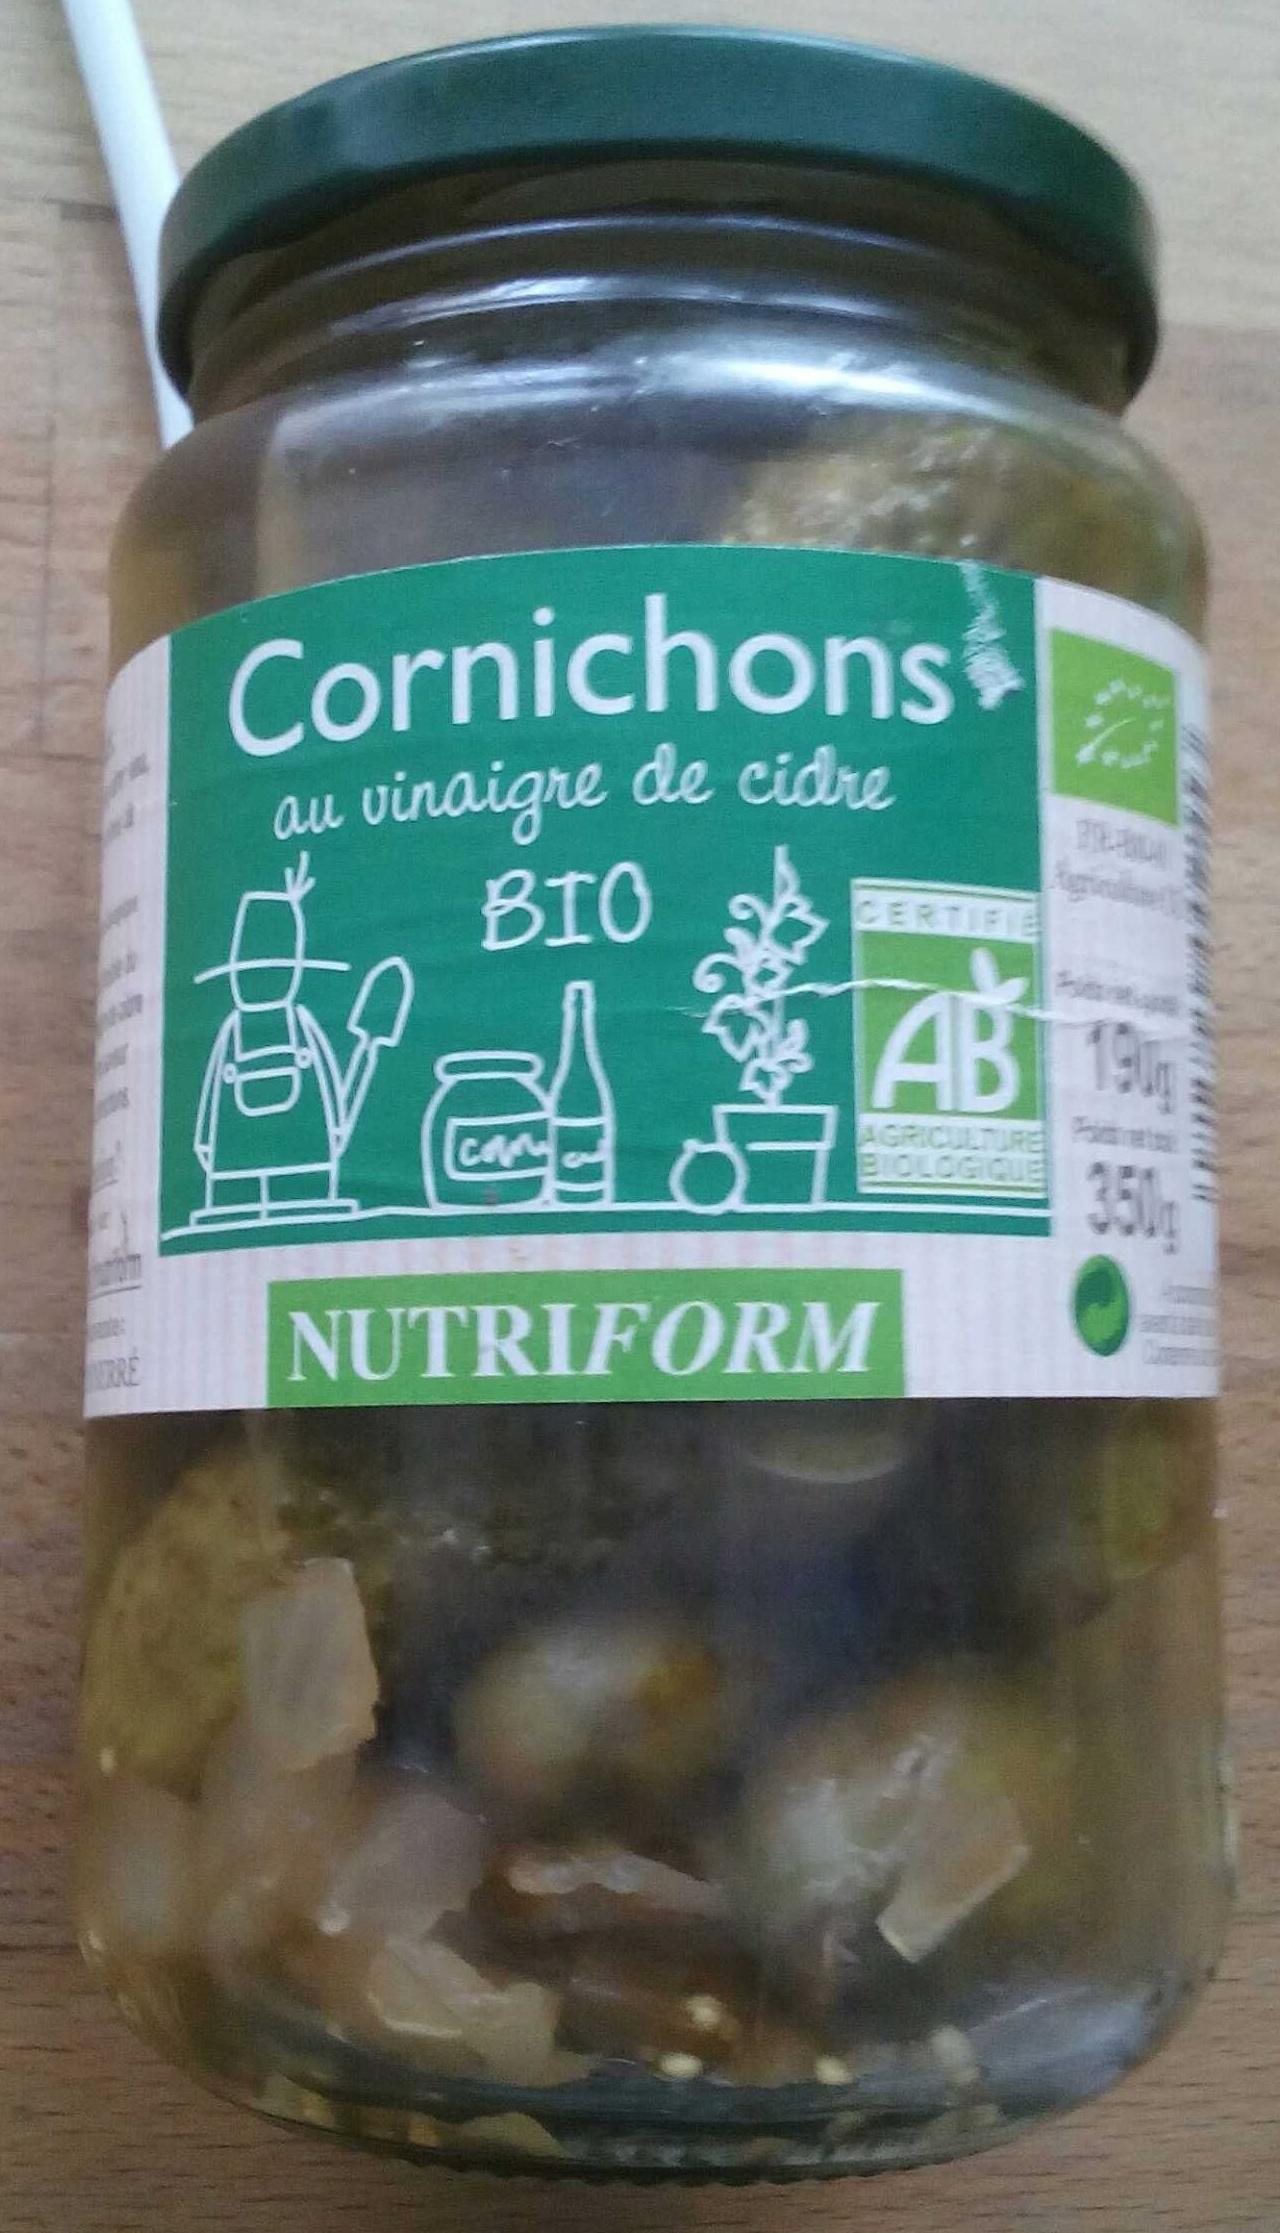 Cornichons au vinaigre de cidre Bio - Produit - fr